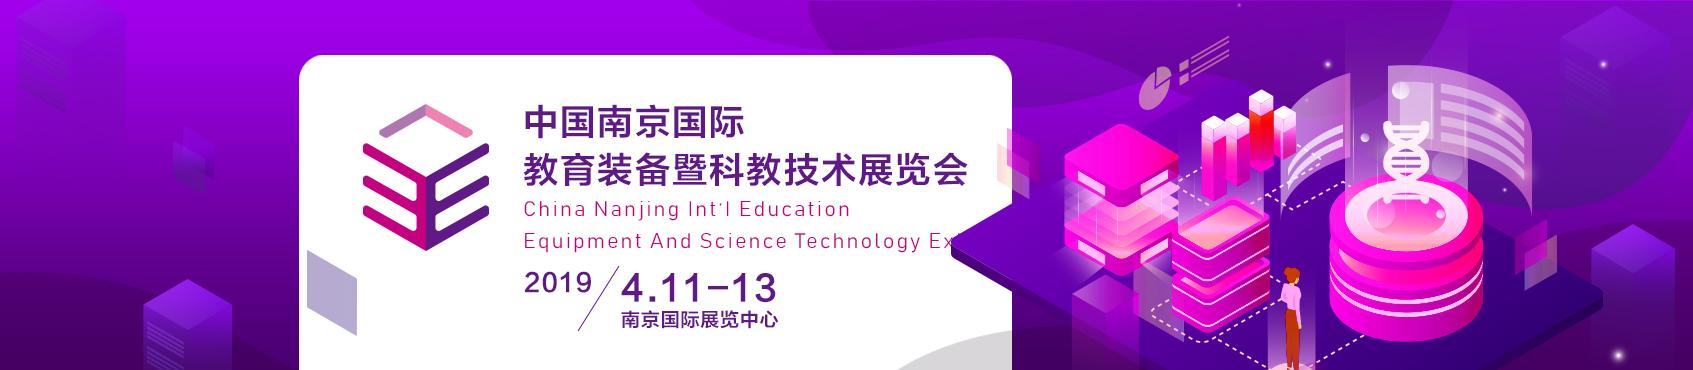 西努光学即将参加2019第十六届南京国际教育装备暨科教技术展览会